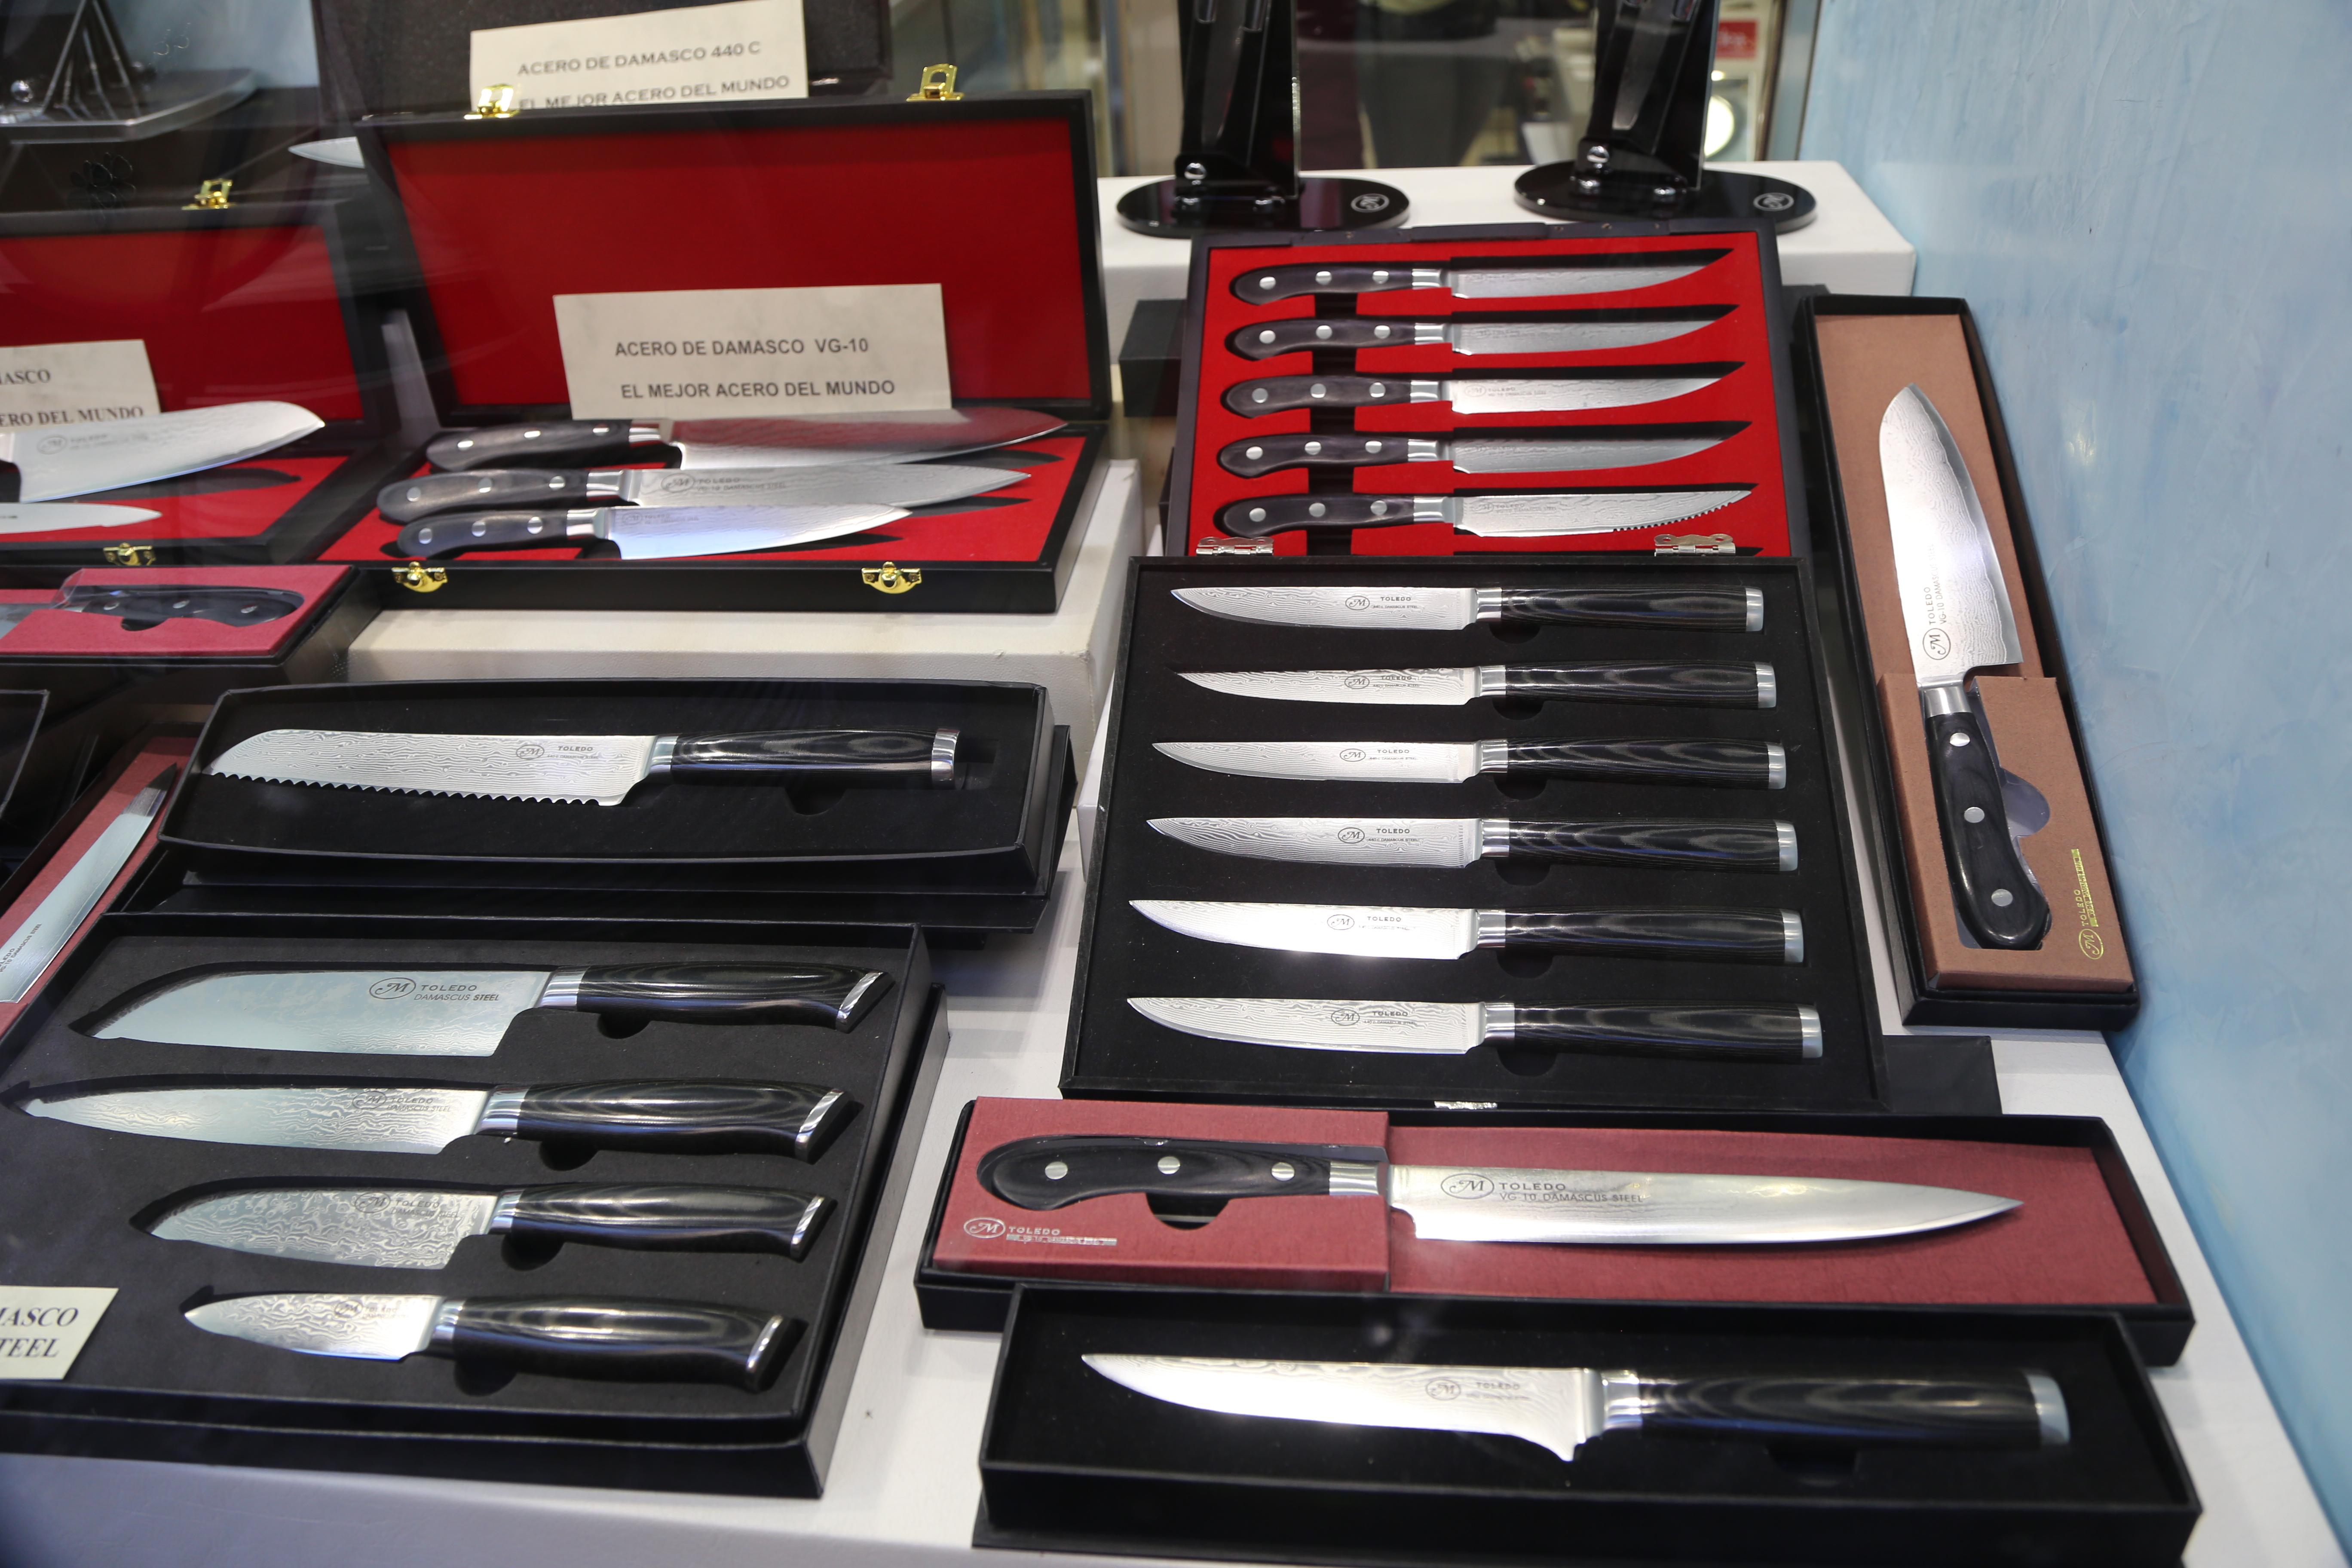 SharpKnife.org (Sharp Knife), domain name for sale